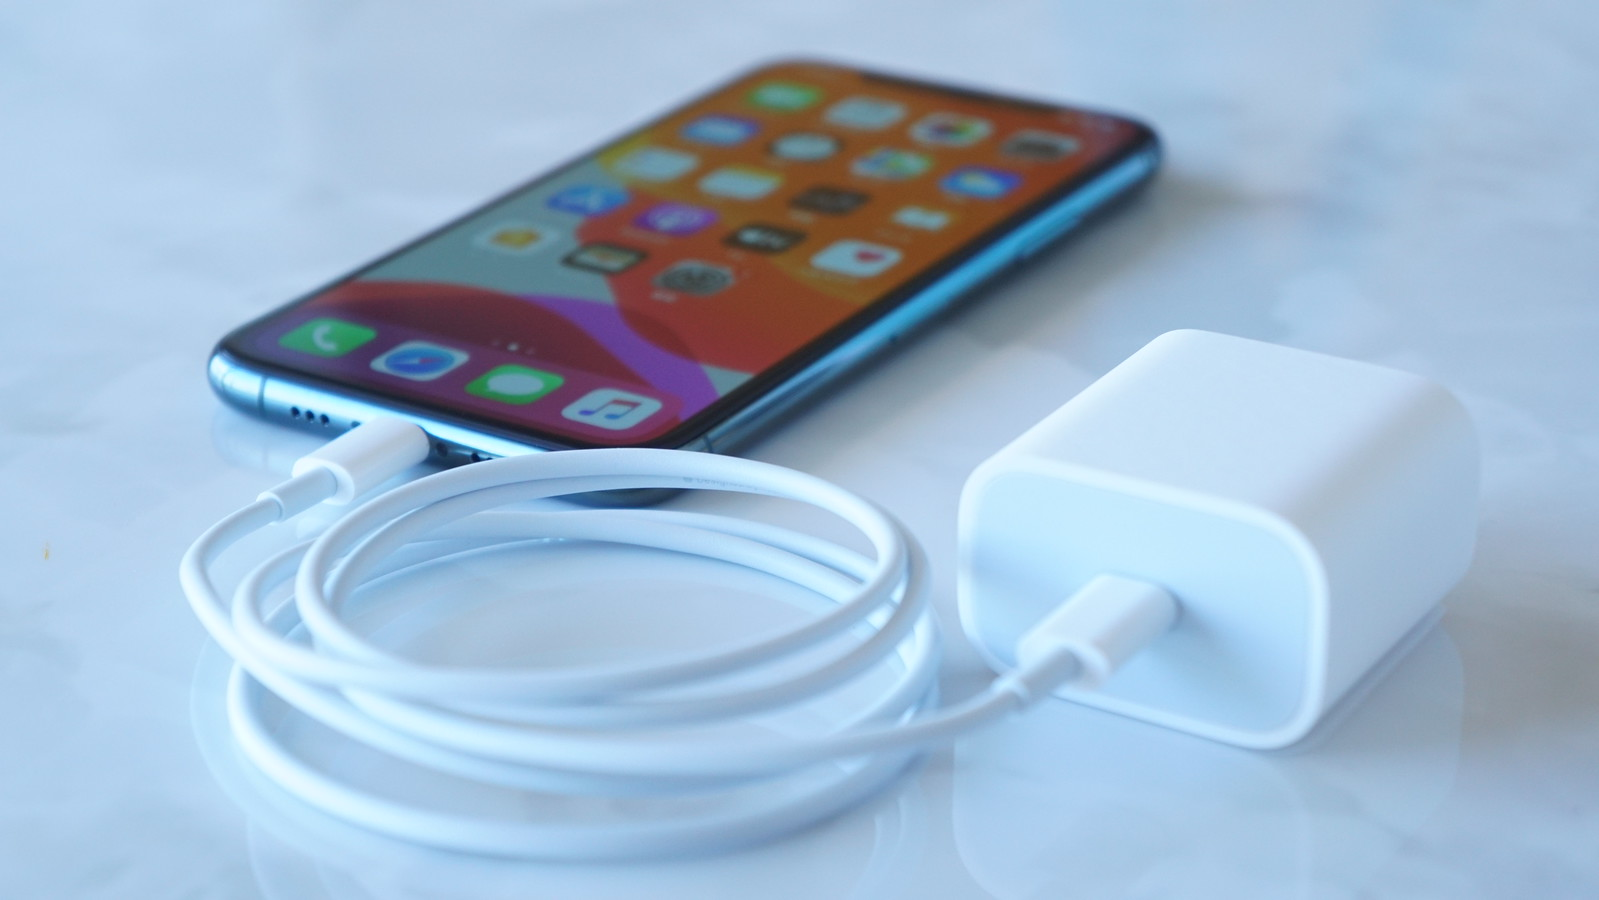 iPhone 12、20W電源アダプタ同梱か。バッテリー増量が関係?